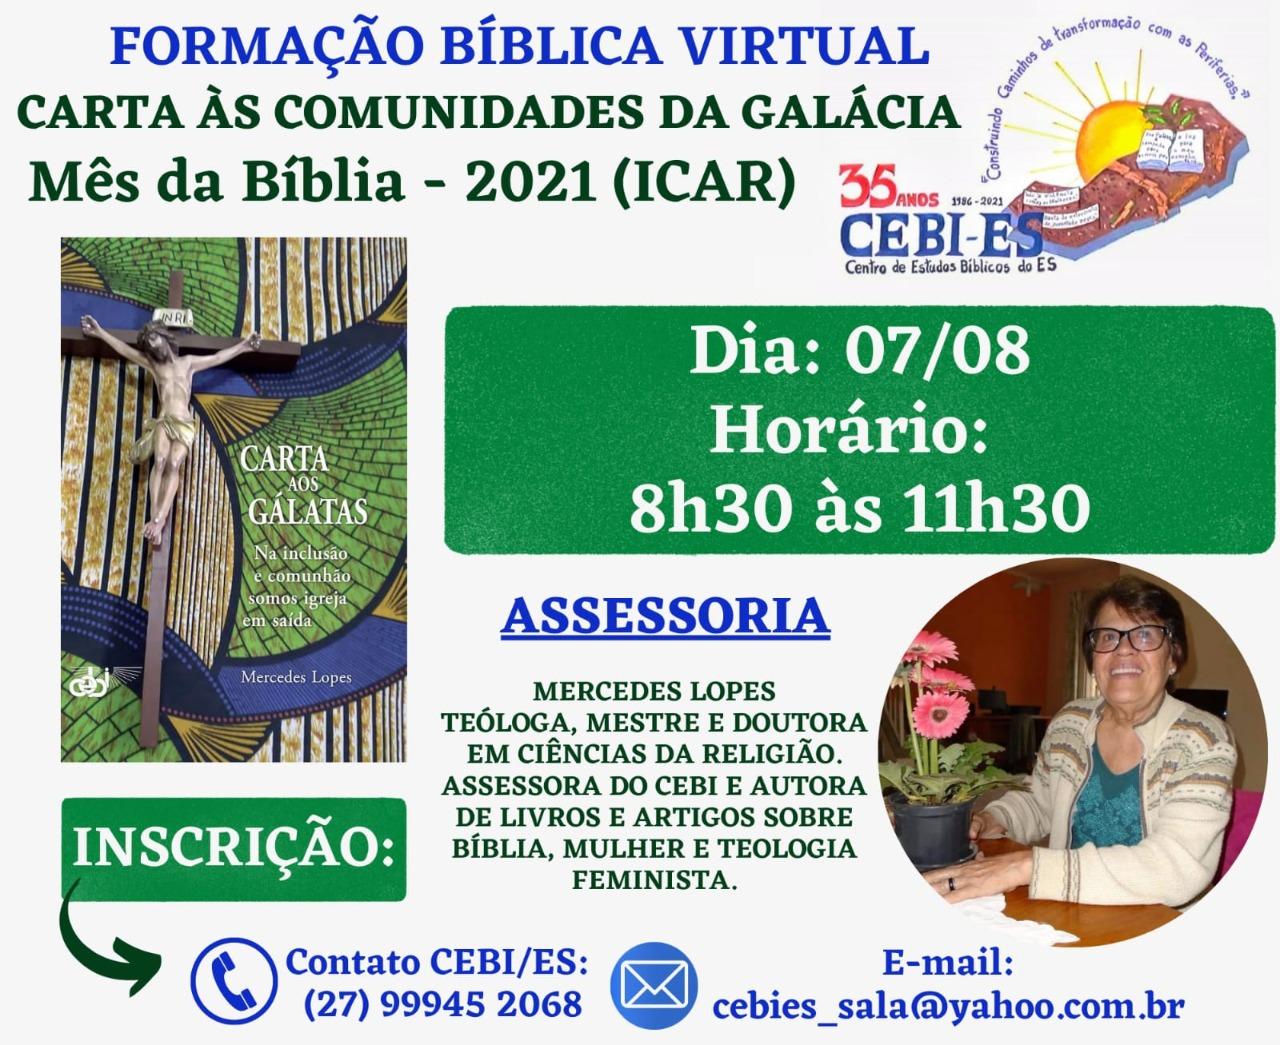 CEBI ES tem formação sobre tema do Mês da Bíblia 2021(ICAR)